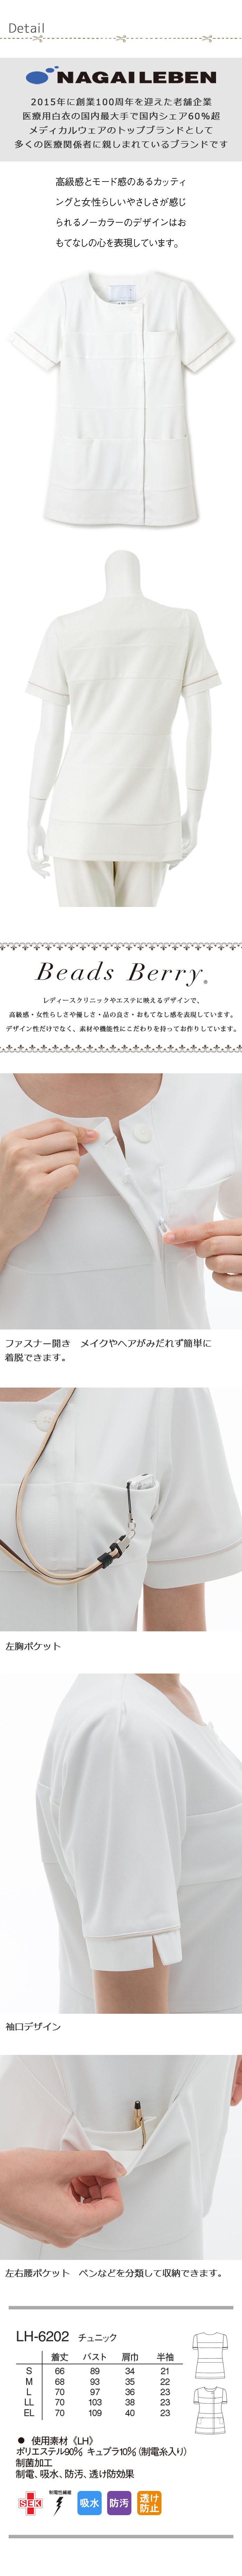 【歯科・美容クリニックユニフォーム】洗練されたモード感のあるノーカラーチュニック【女性用2色】